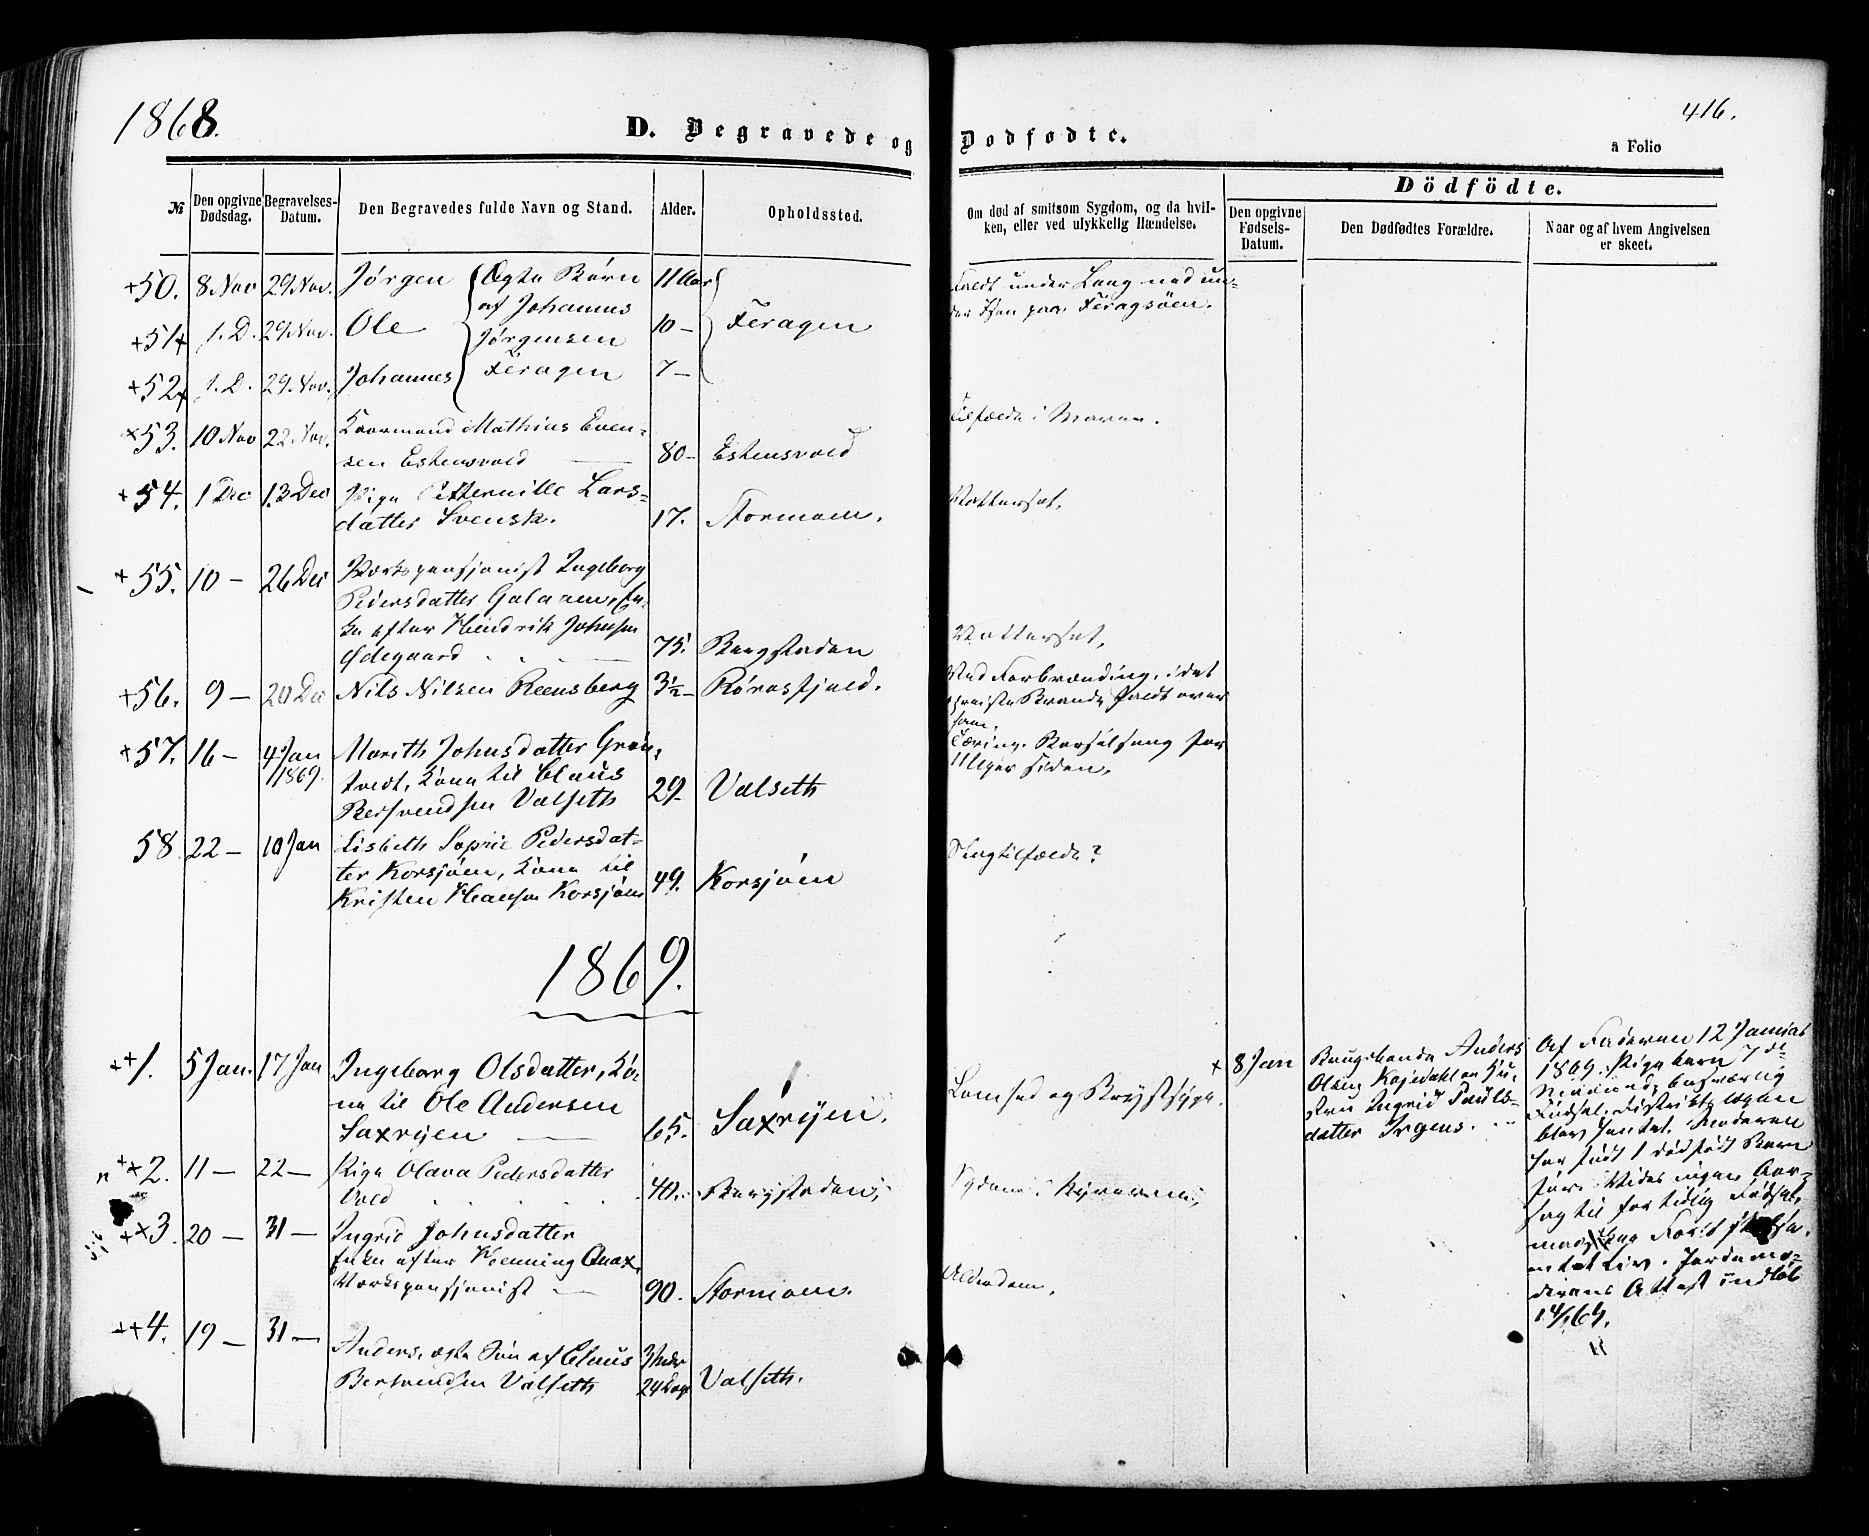 SAT, Ministerialprotokoller, klokkerbøker og fødselsregistre - Sør-Trøndelag, 681/L0932: Ministerialbok nr. 681A10, 1860-1878, s. 416